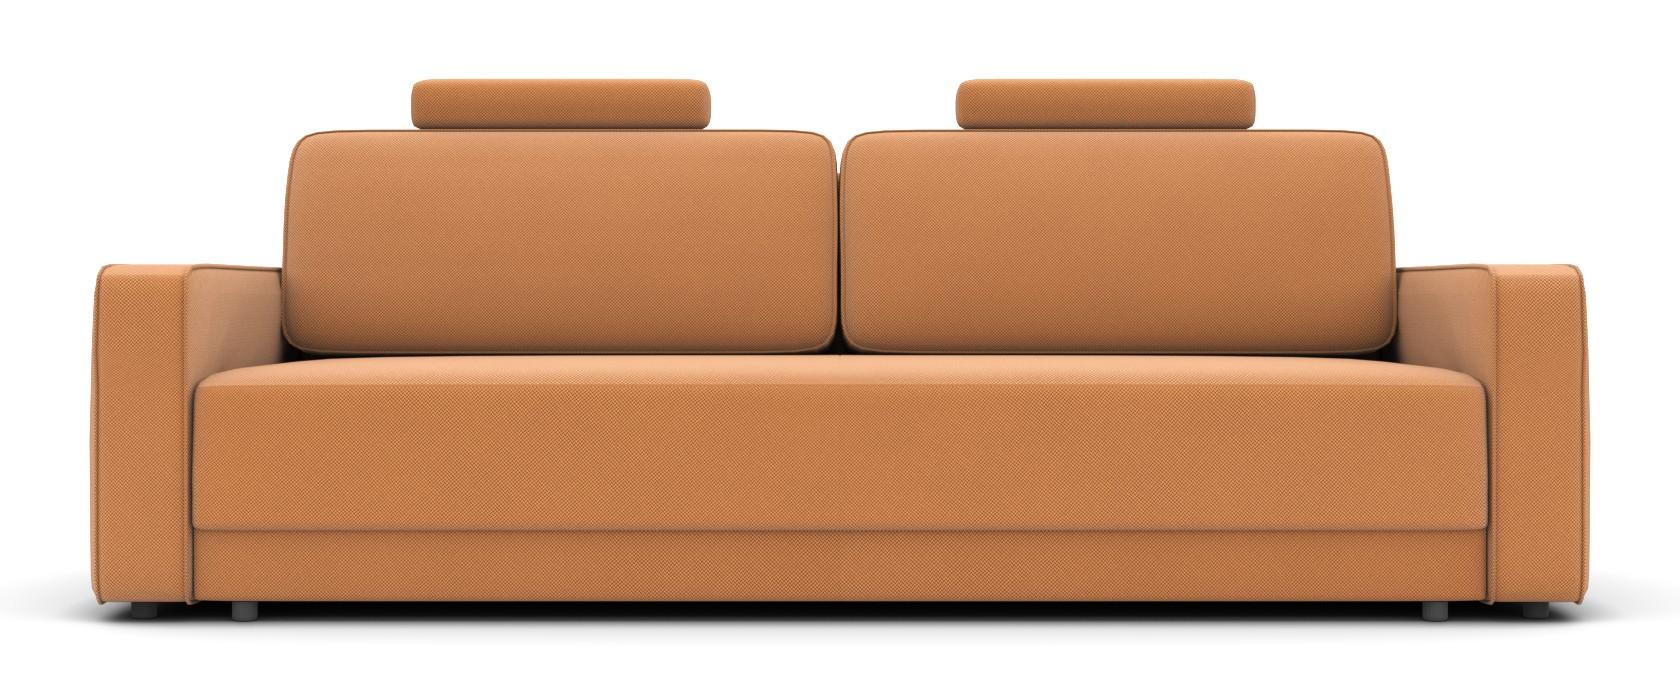 Трехместный диван Dino с подголовниками